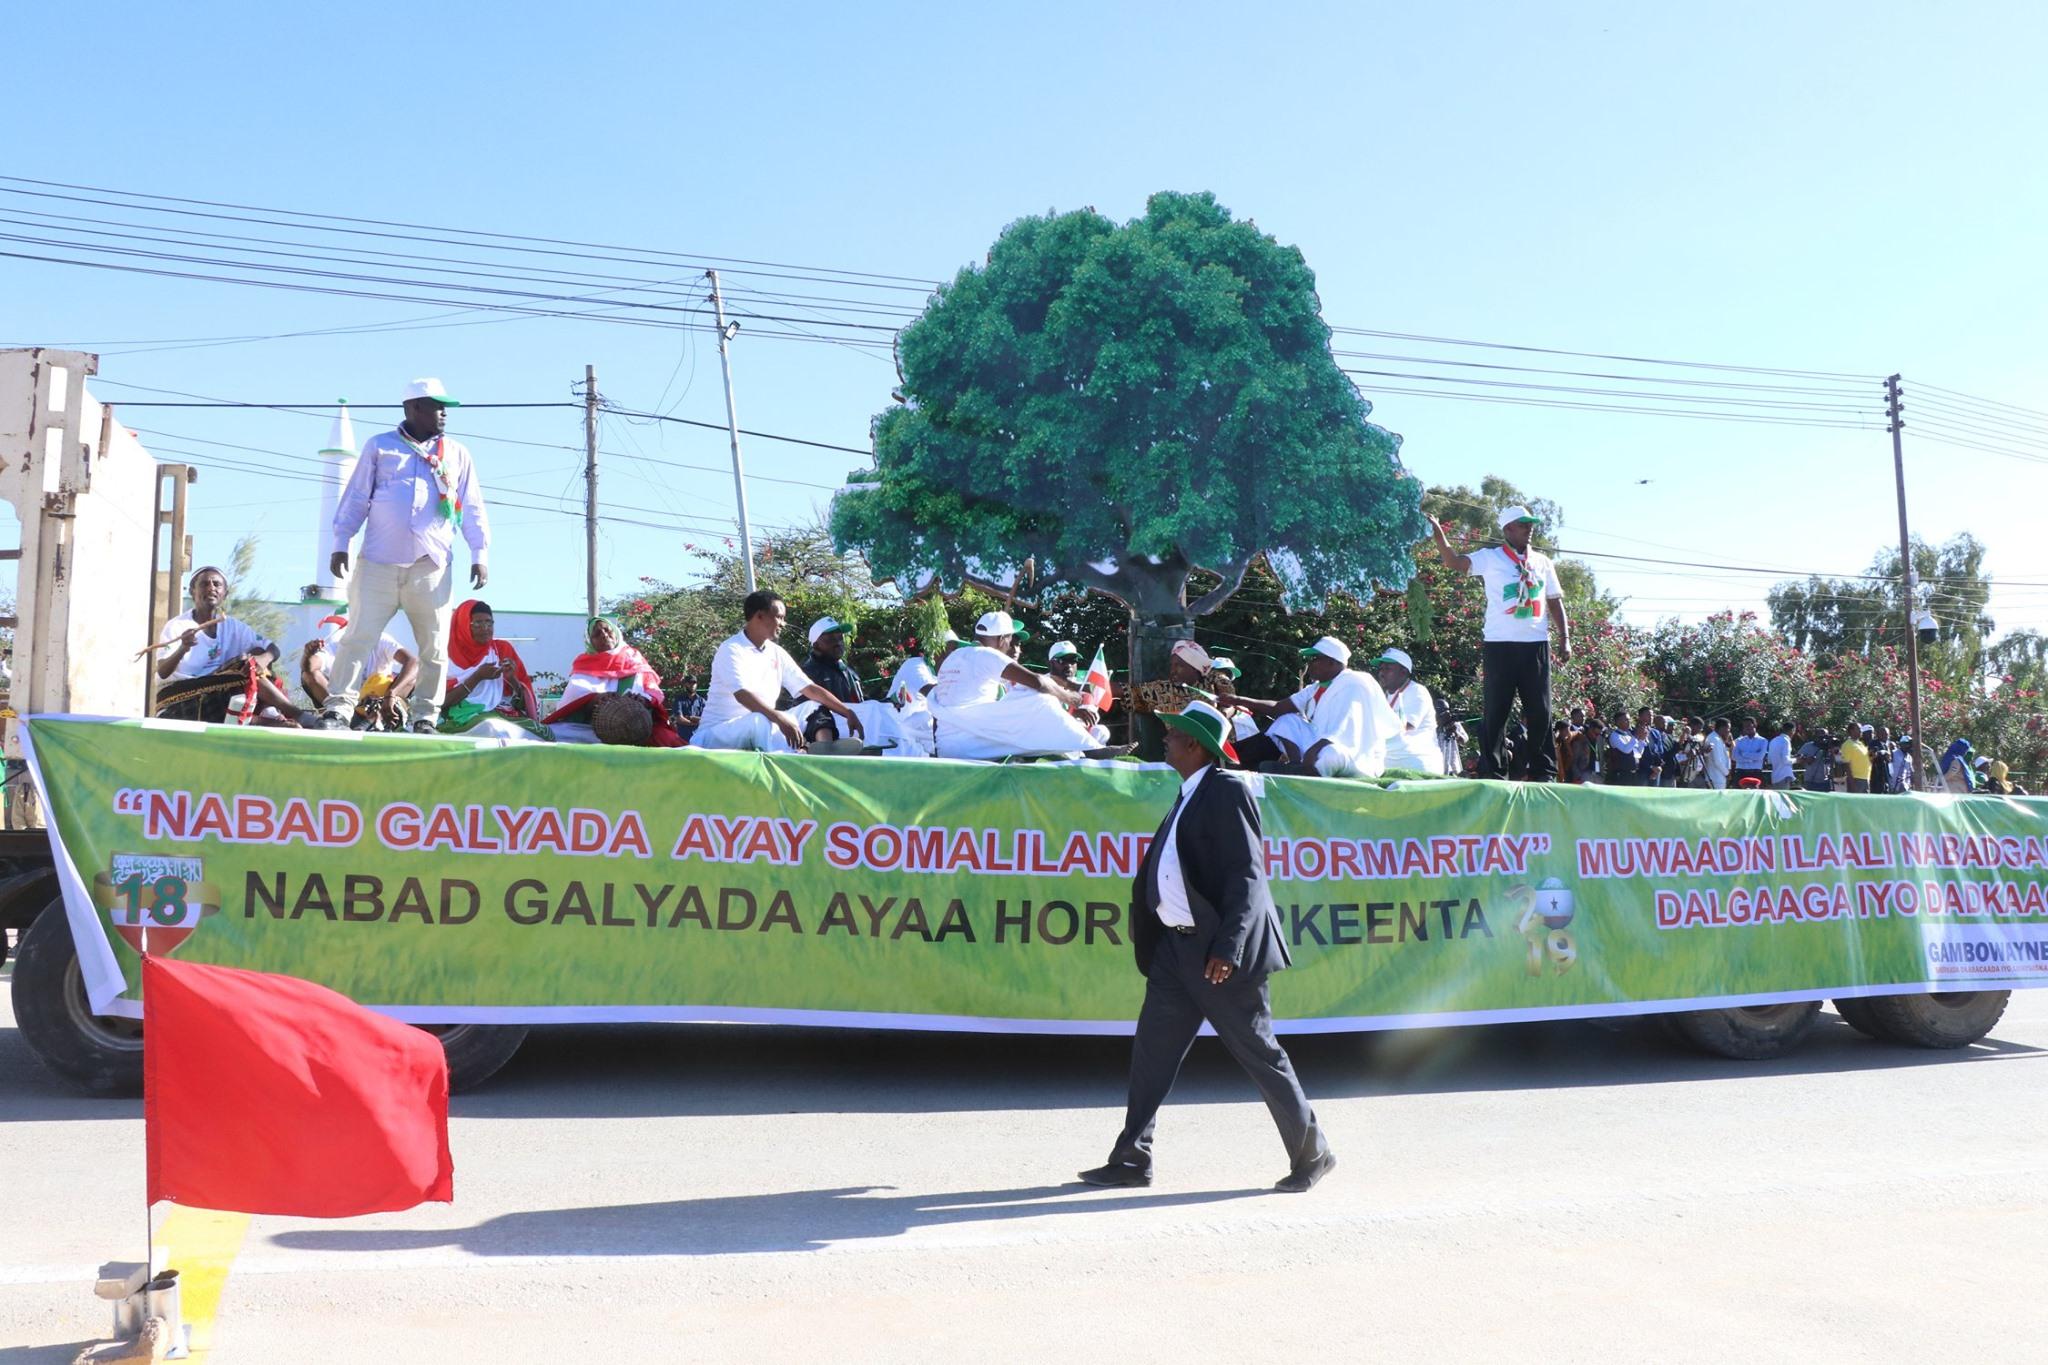 Somaliland Oo Laga Xusay 28 Guurada Xilligii Ay Madax-banaanideeda Kala Soo Noqotay Soomaaliya